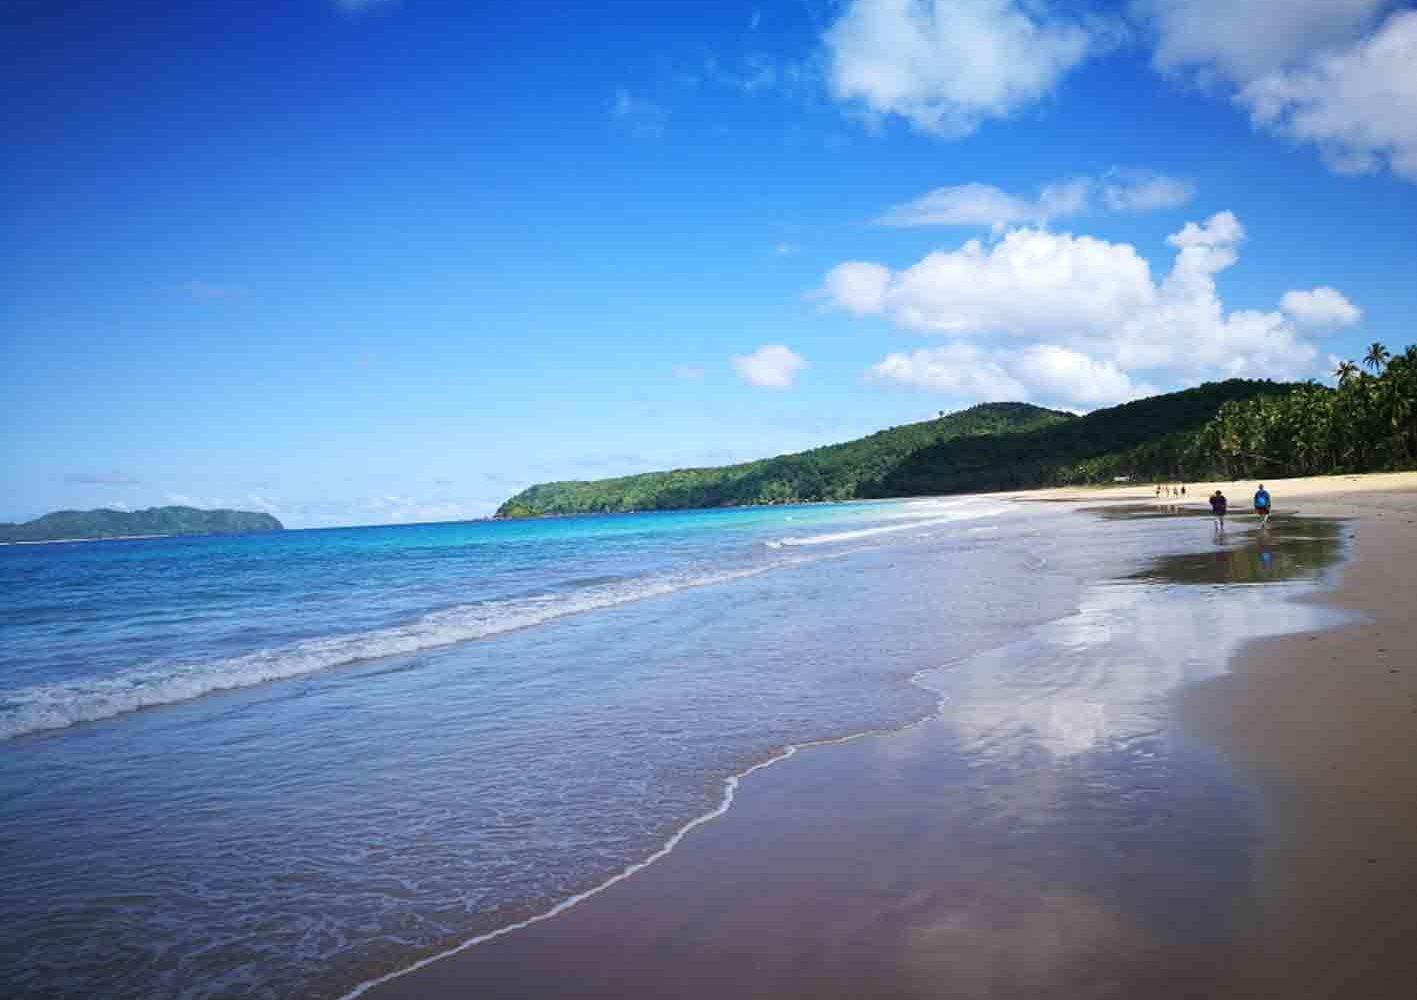 Malerischer Strand auf Palawan, Philippinen